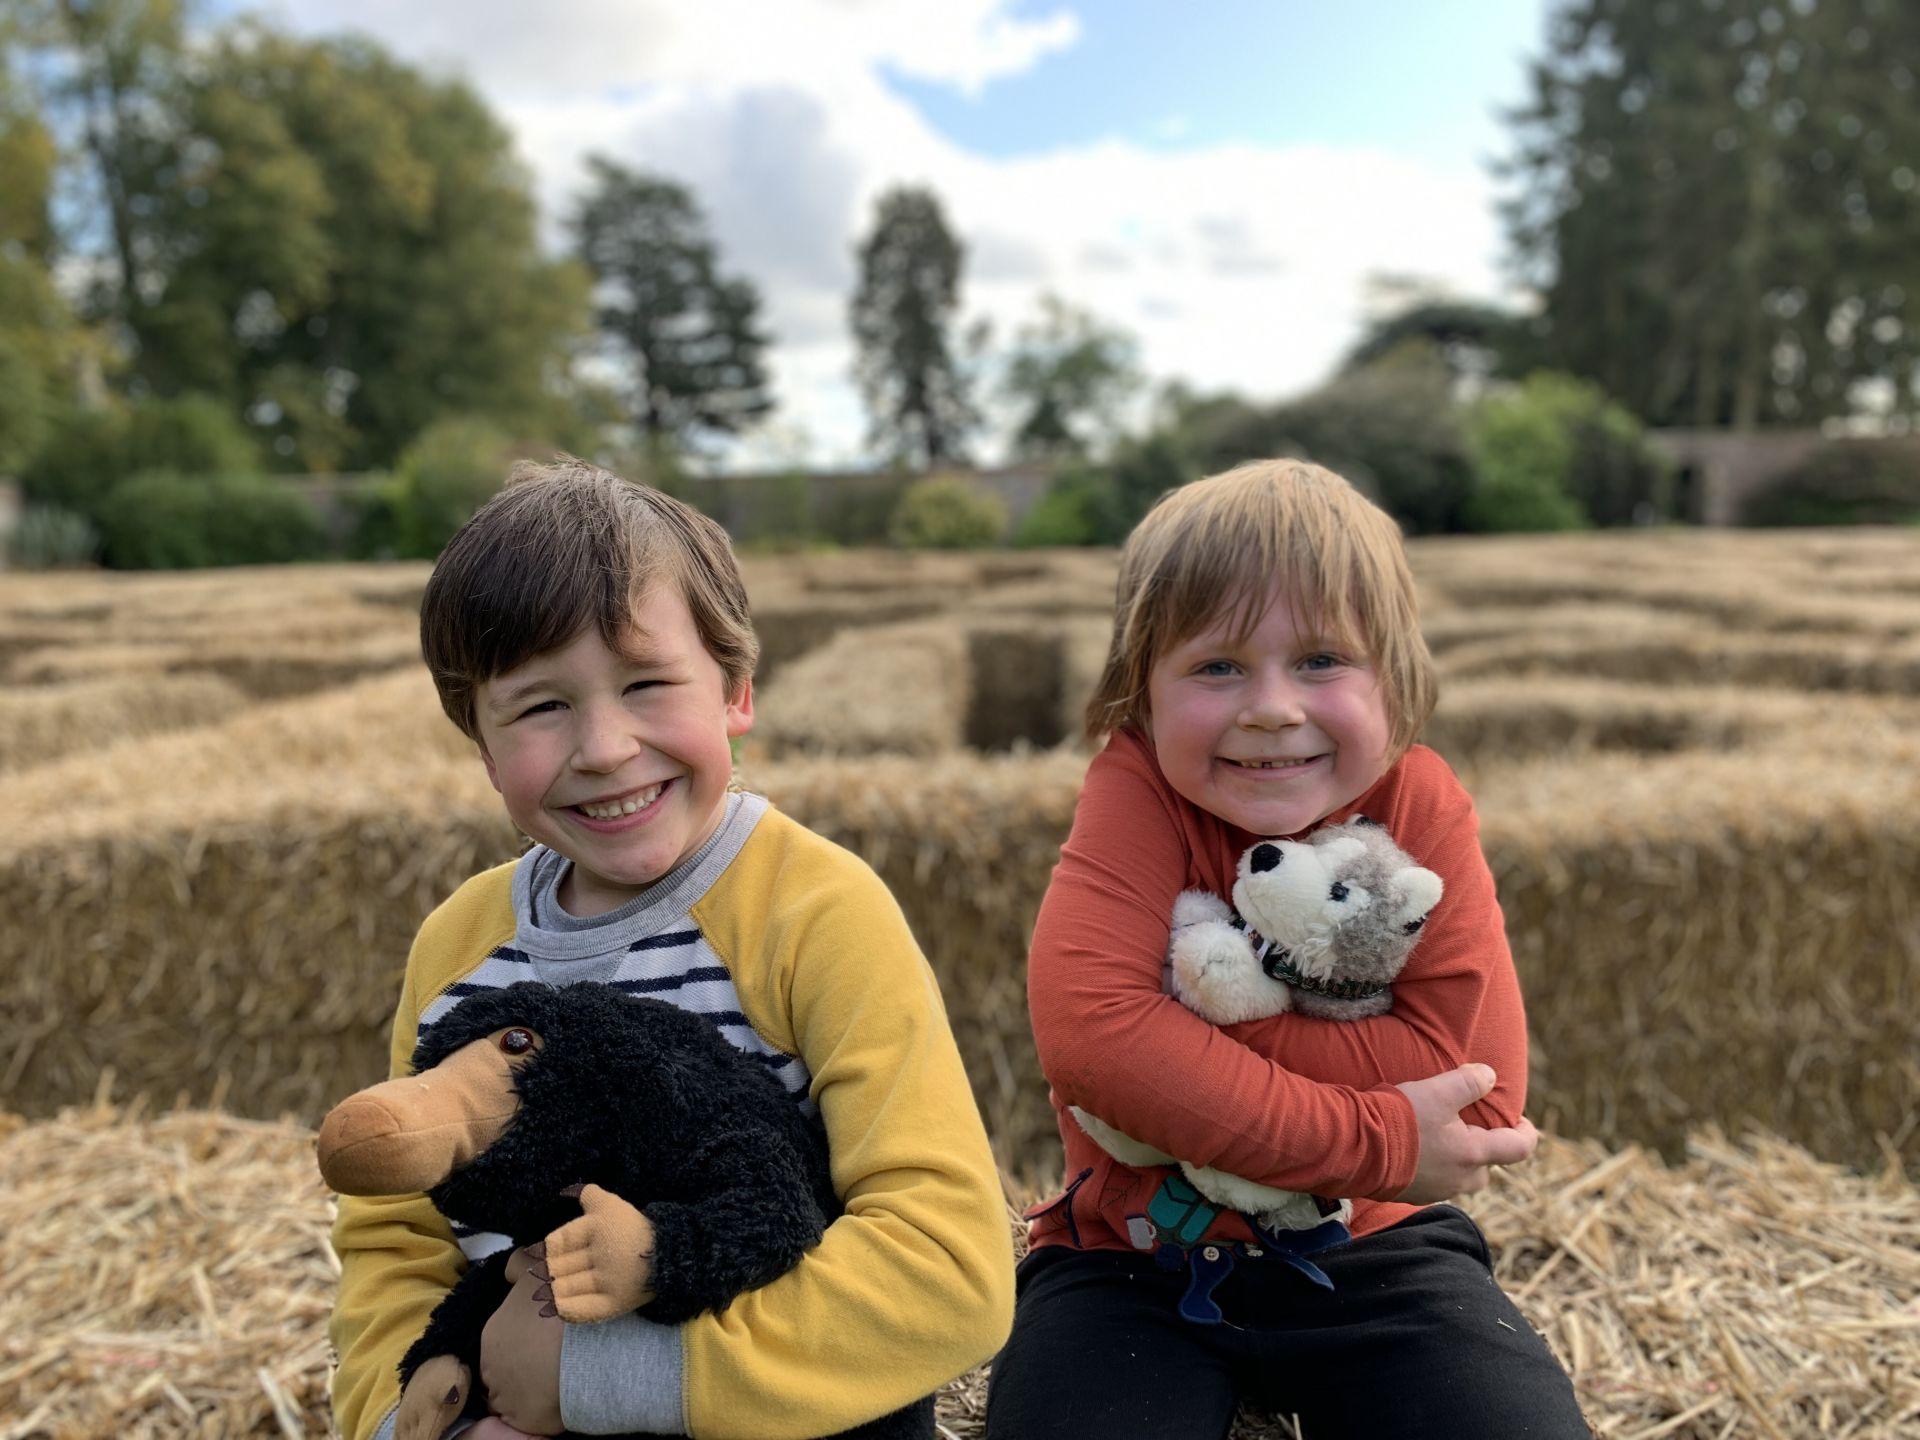 two boys cuddling teddy's on hay bales